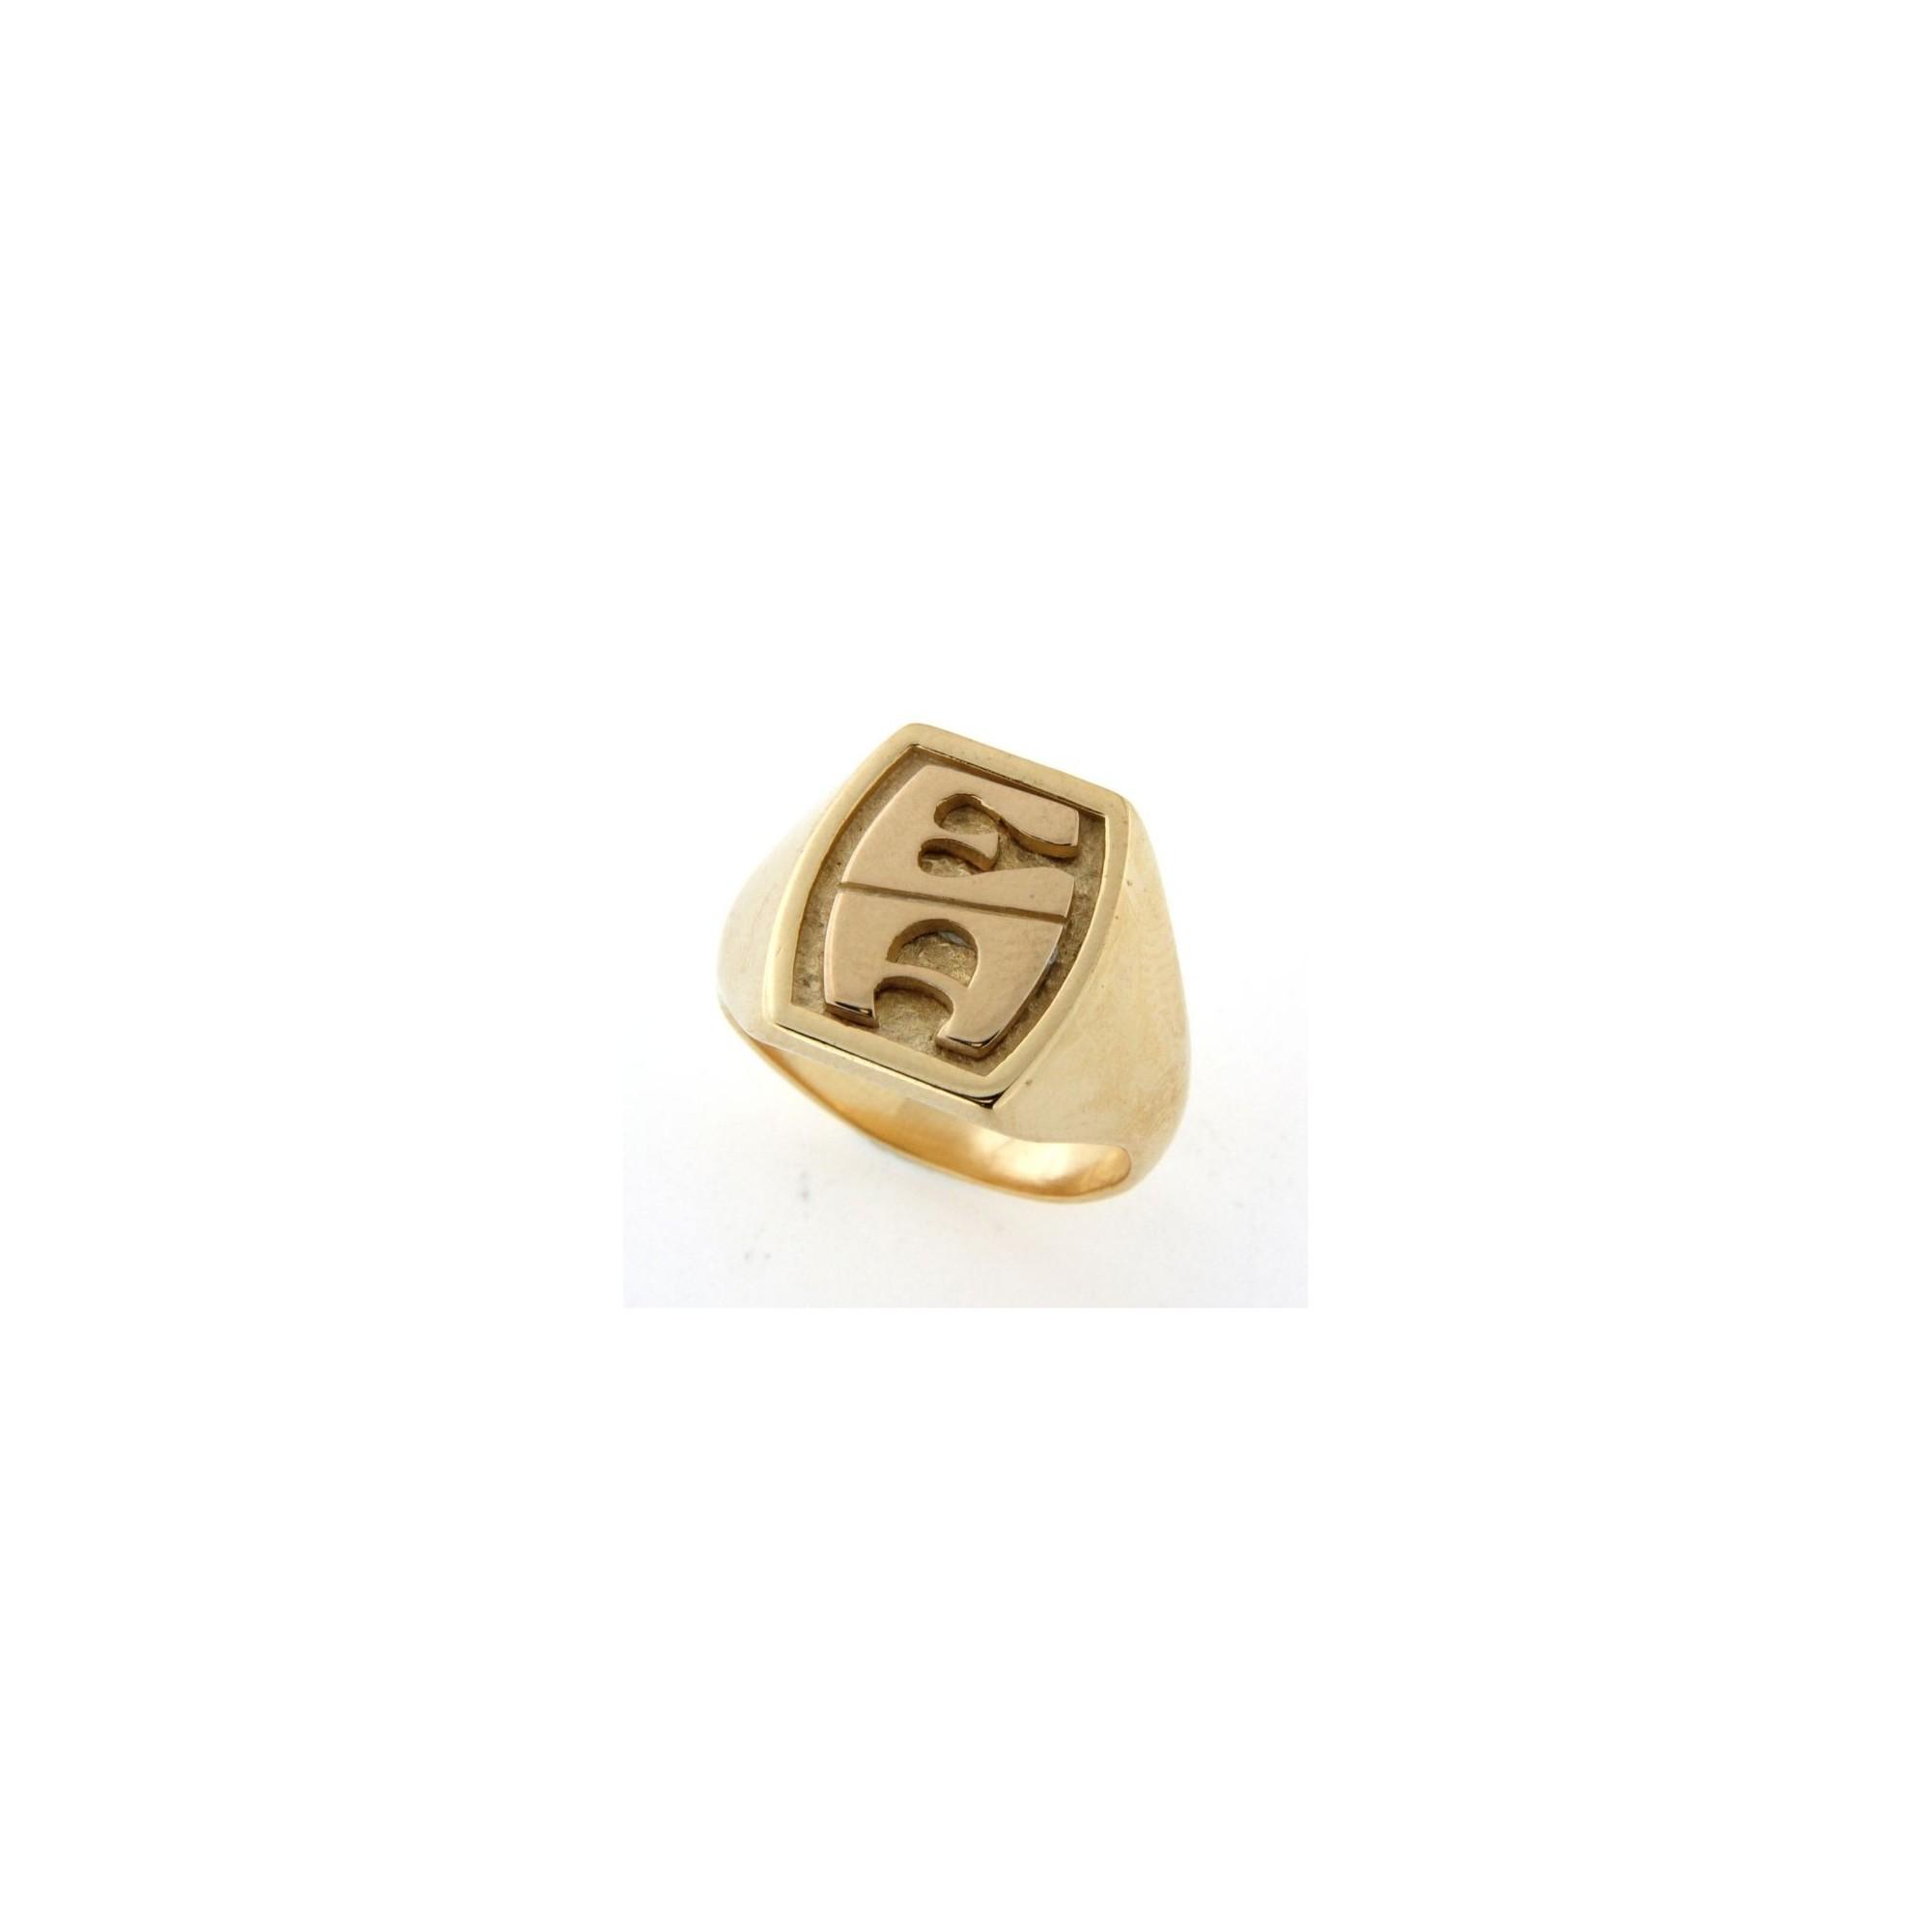 plus récent c8ad1 9ab21 Chevalière en plaqué or avec initiales